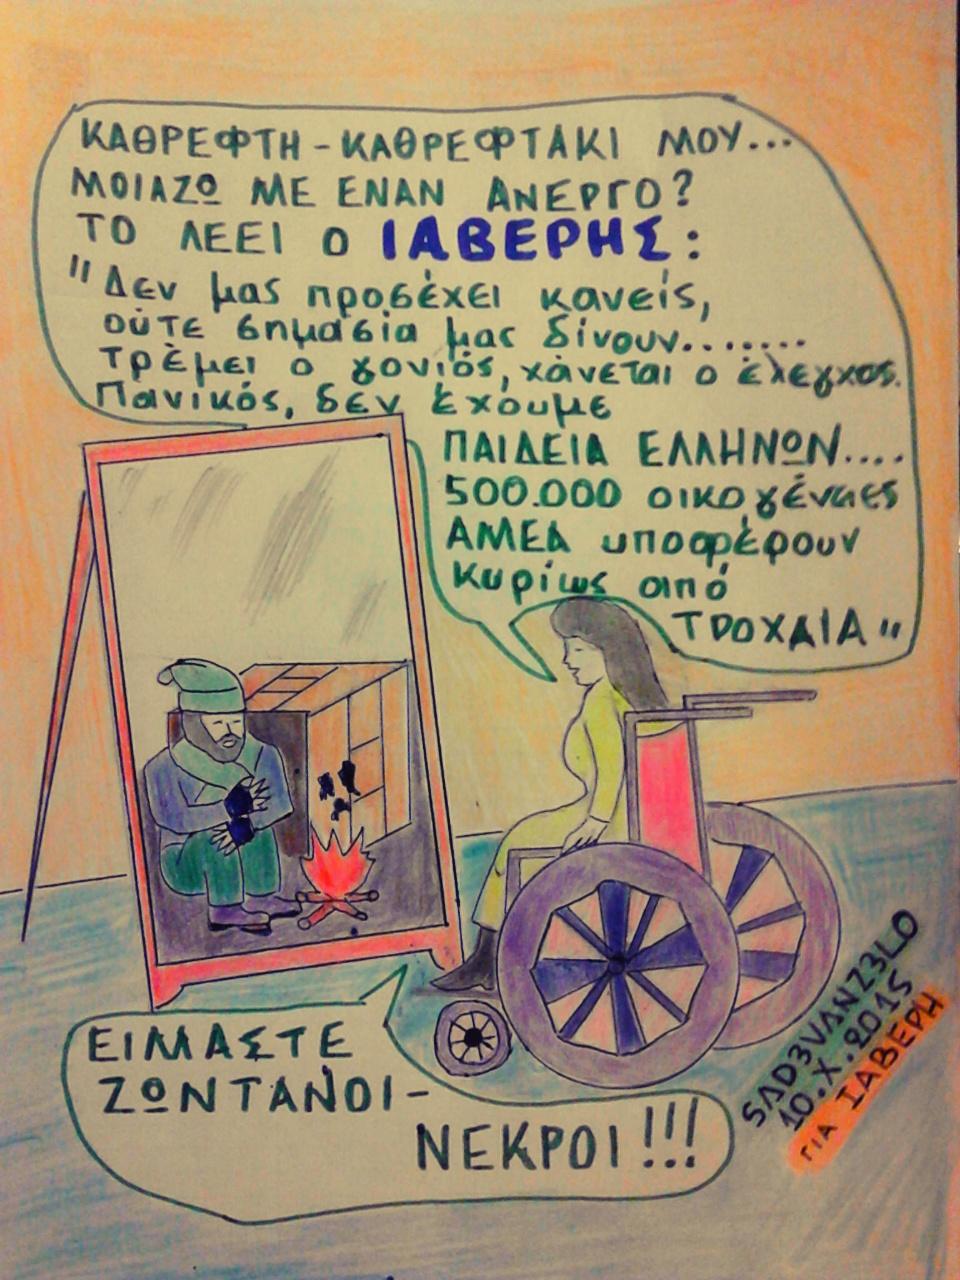 SadeVanzelo - ΙΑΒΕΡΗΣ